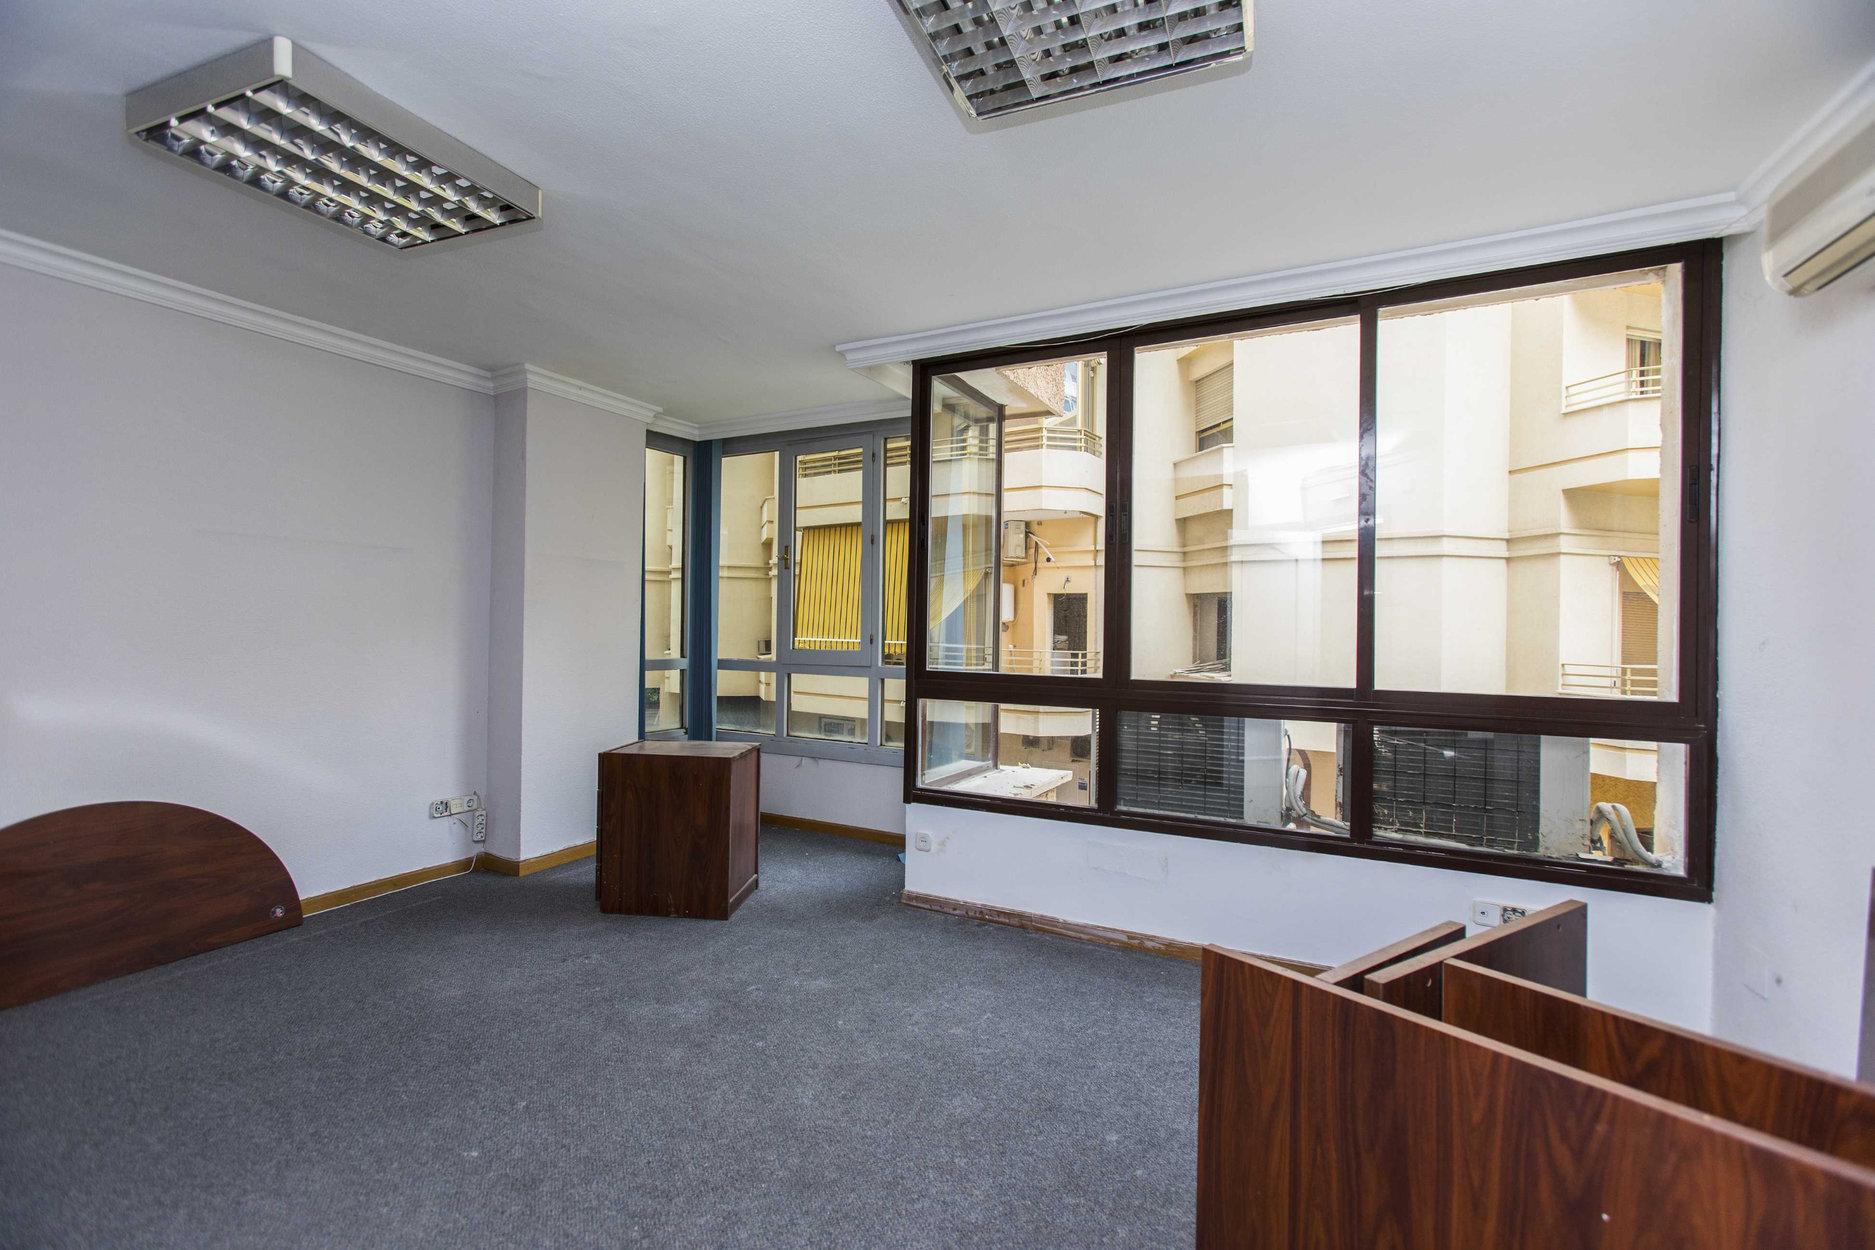 Office for sale in Marbella - Costa del Sol